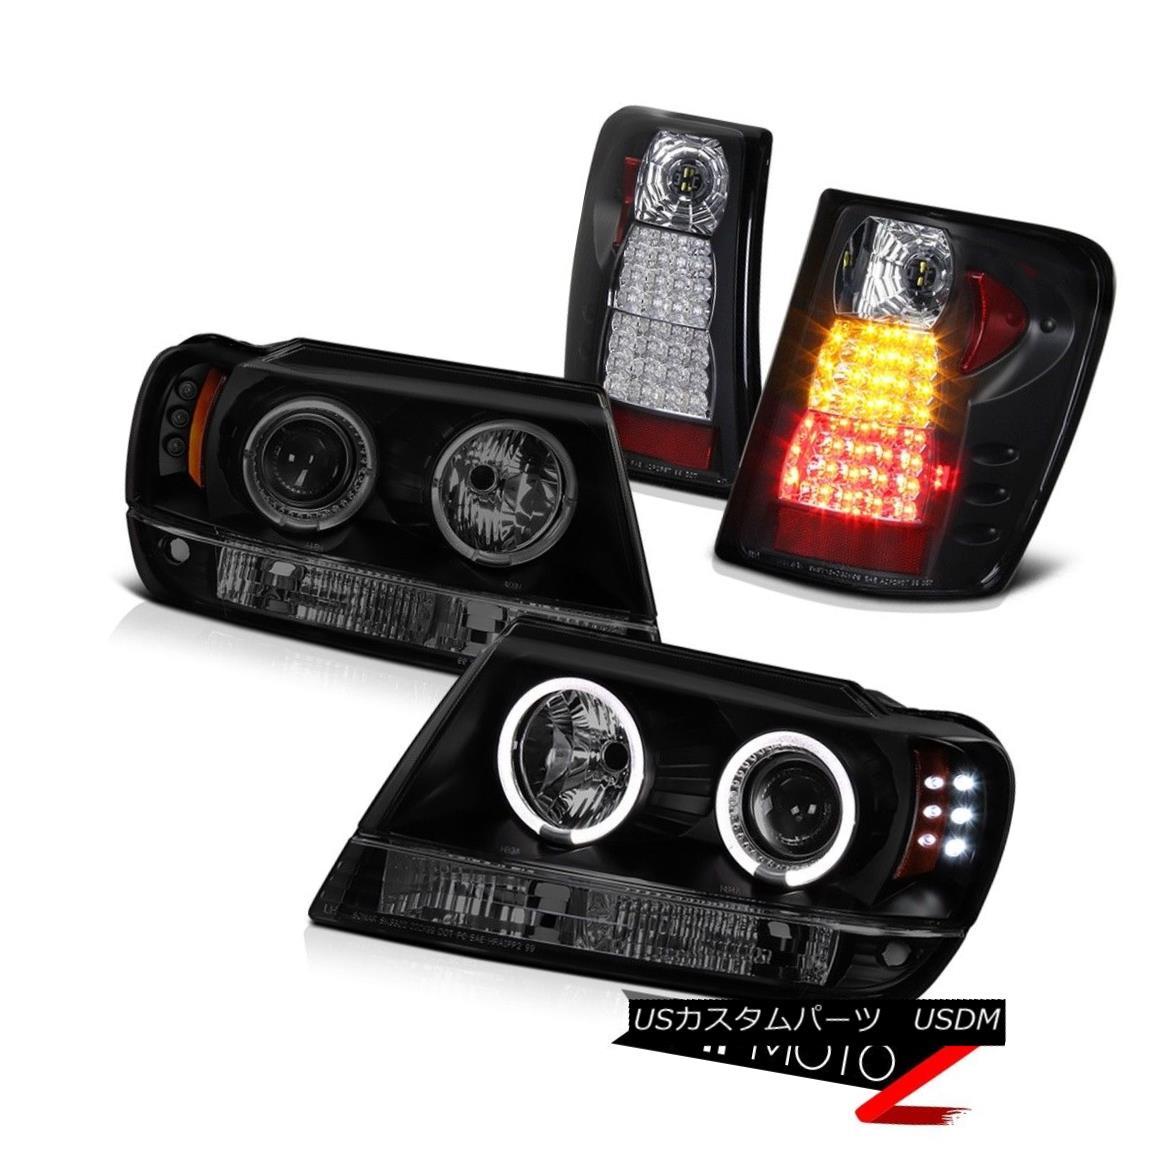 ヘッドライト 99-04 Grand Cherokee WG Overland Darkest Black Halo LED Head Light Rear Tail 4x4 99-04グランドチェロキーWGオーバーランドダークトブラックハローLEDヘッドライトリアテール4x4